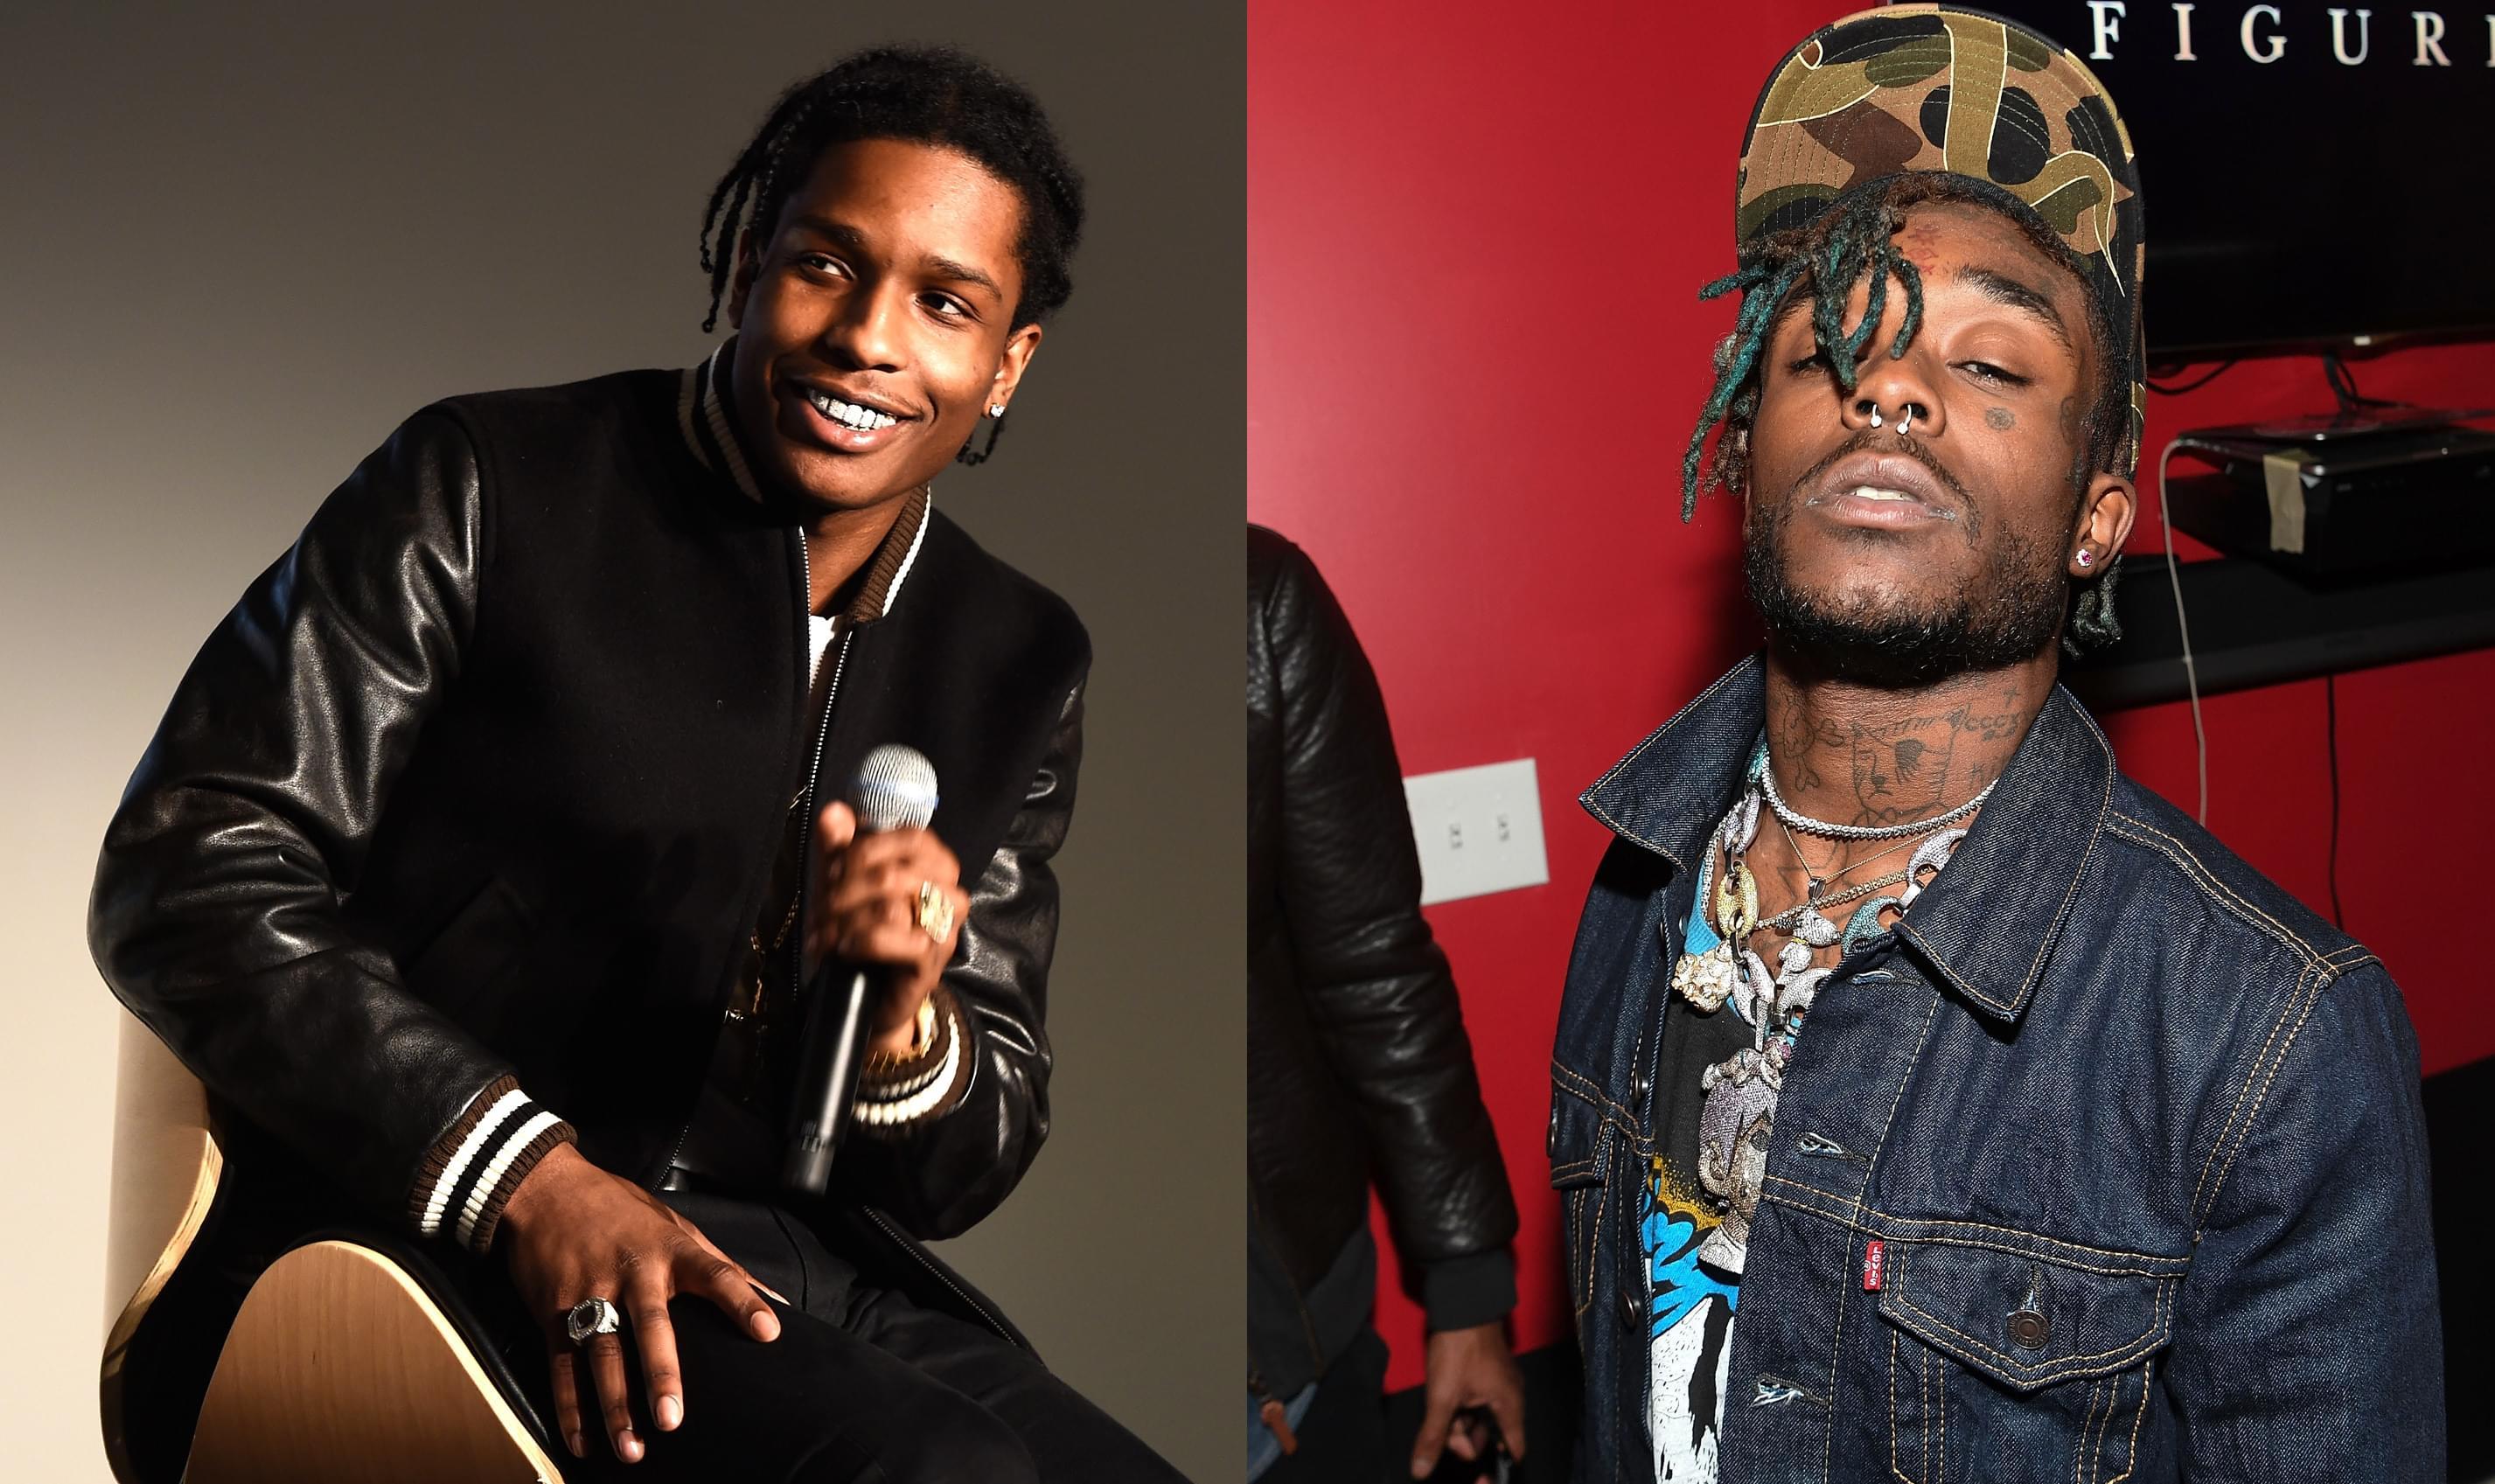 A Ap Rocky Co Signs Lil Uzi Vert In A Major Way Kpwr Fm